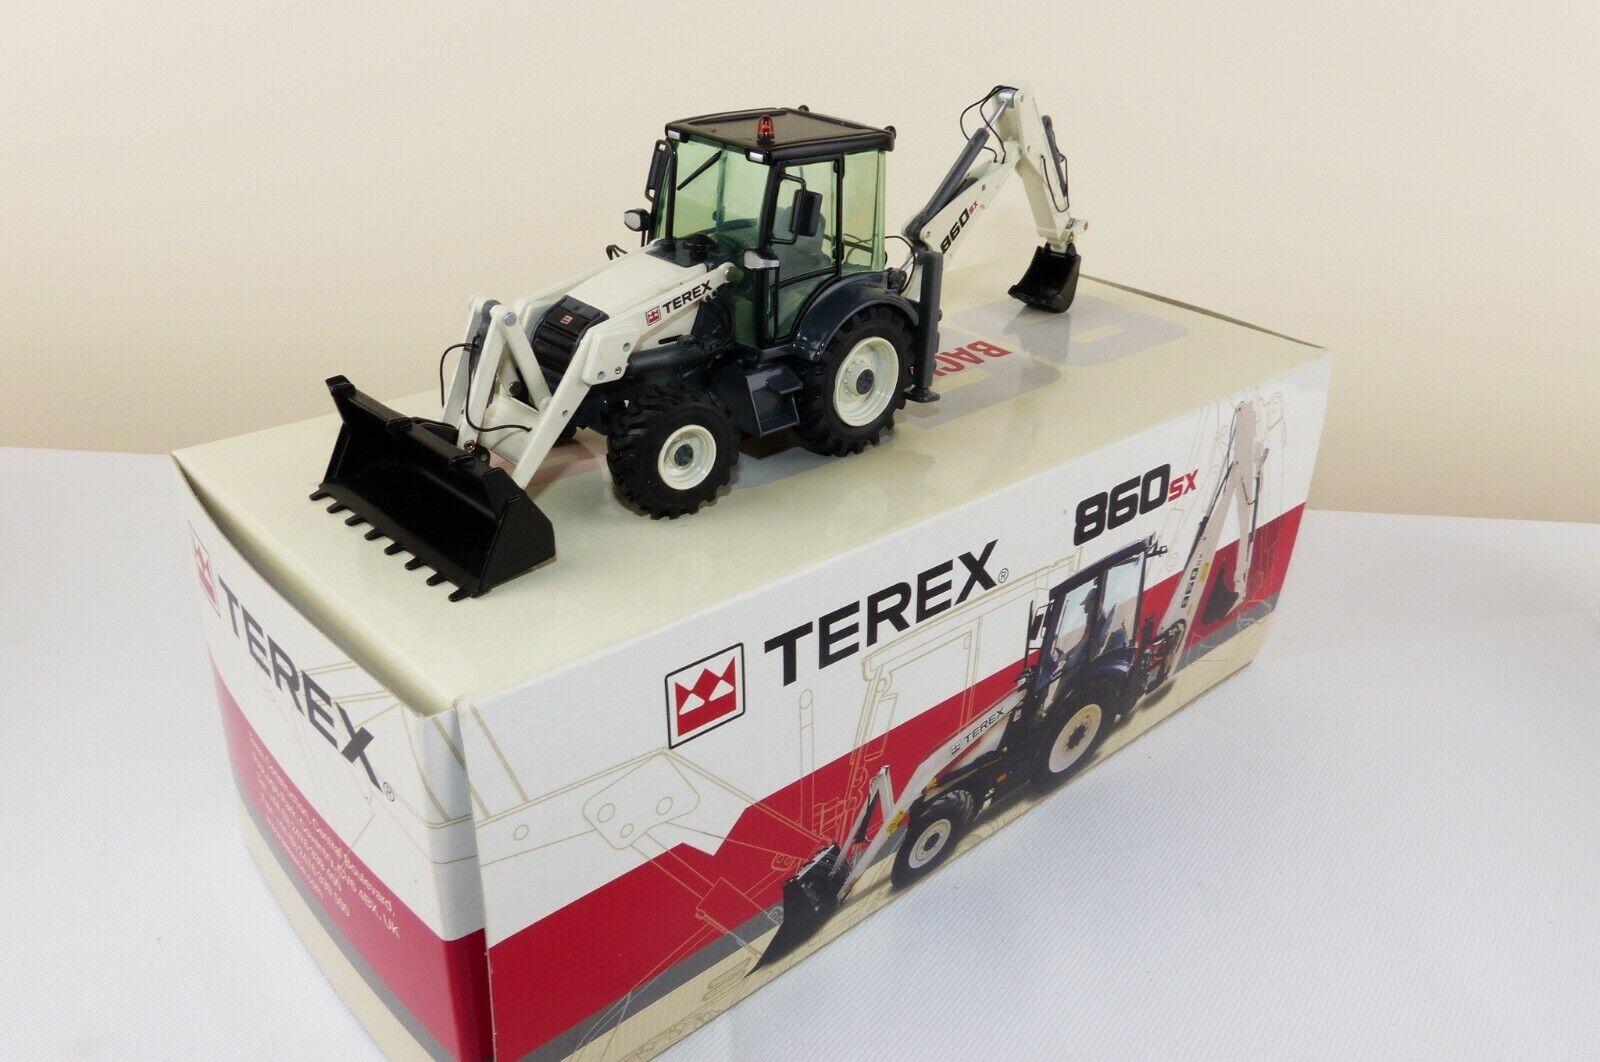 Todo en alta calidad y bajo precio. NZG Nº 682 es el modelo modelo modelo de la Terex 860 SX Retroexcavadora vnmb  barato y de alta calidad